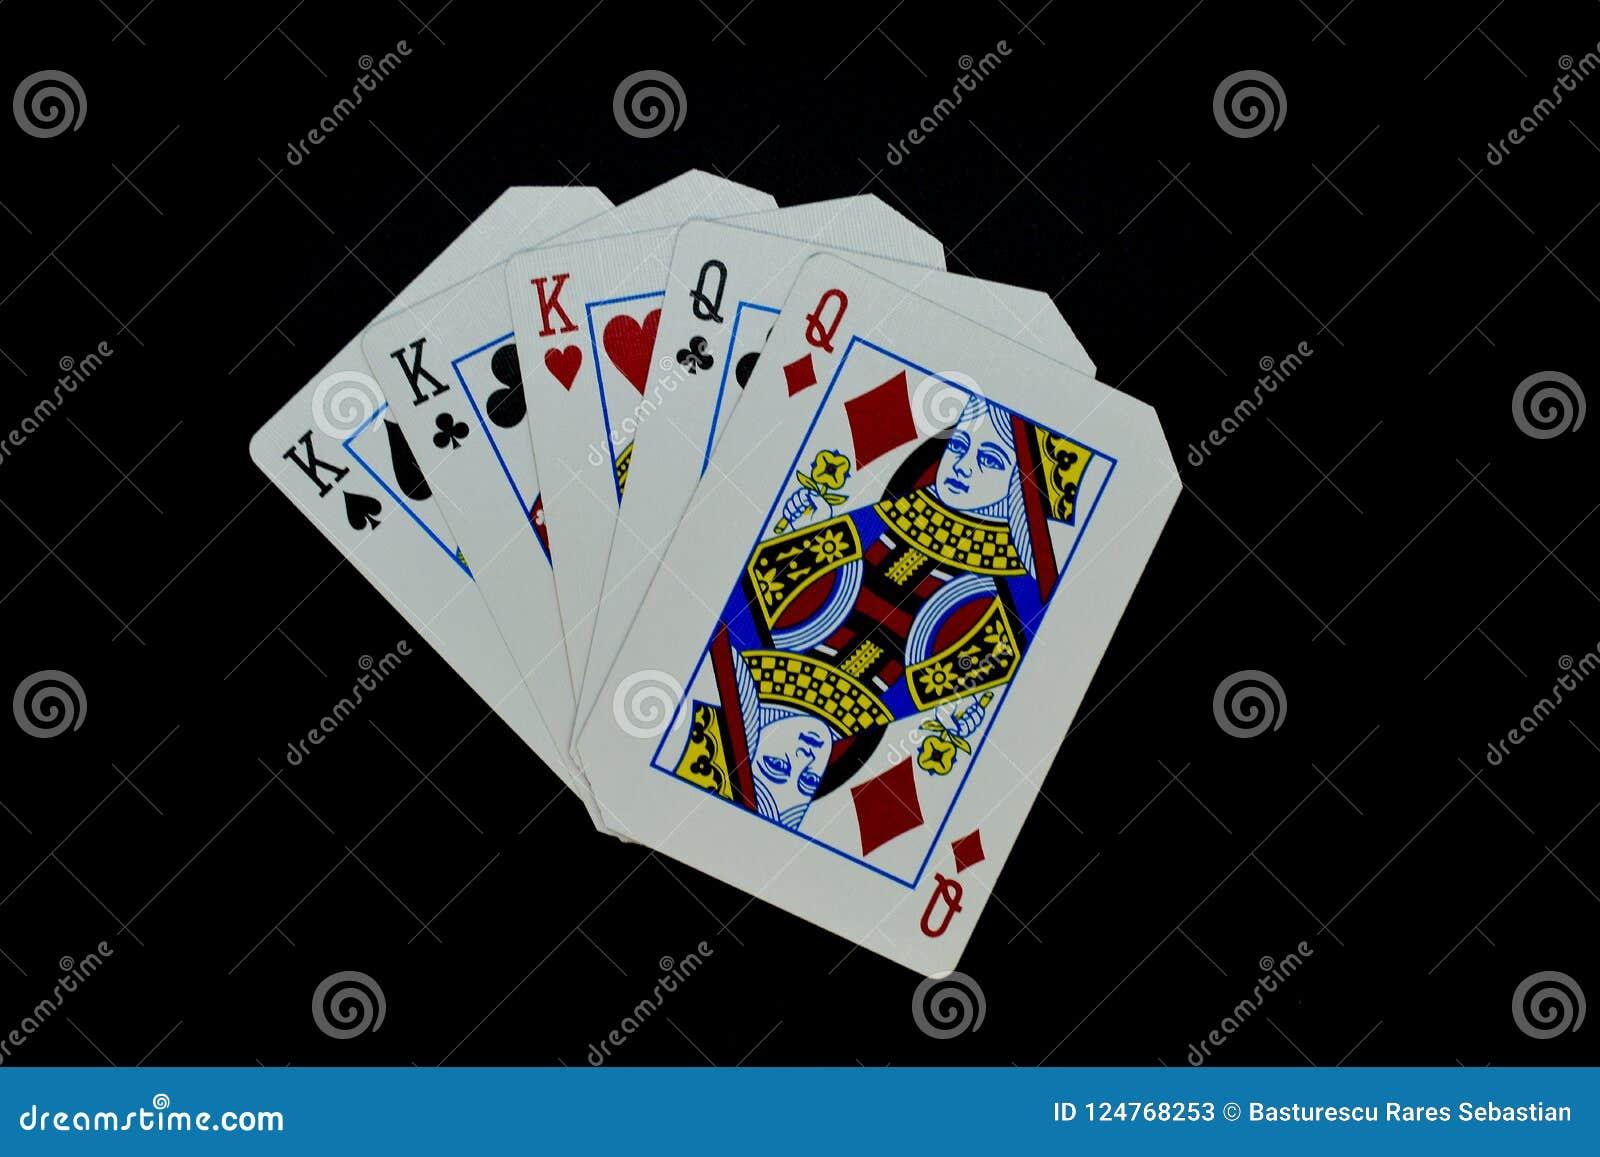 Tutto esaurito re sopra le carte delle regine in gioco del poker contro fondo nero